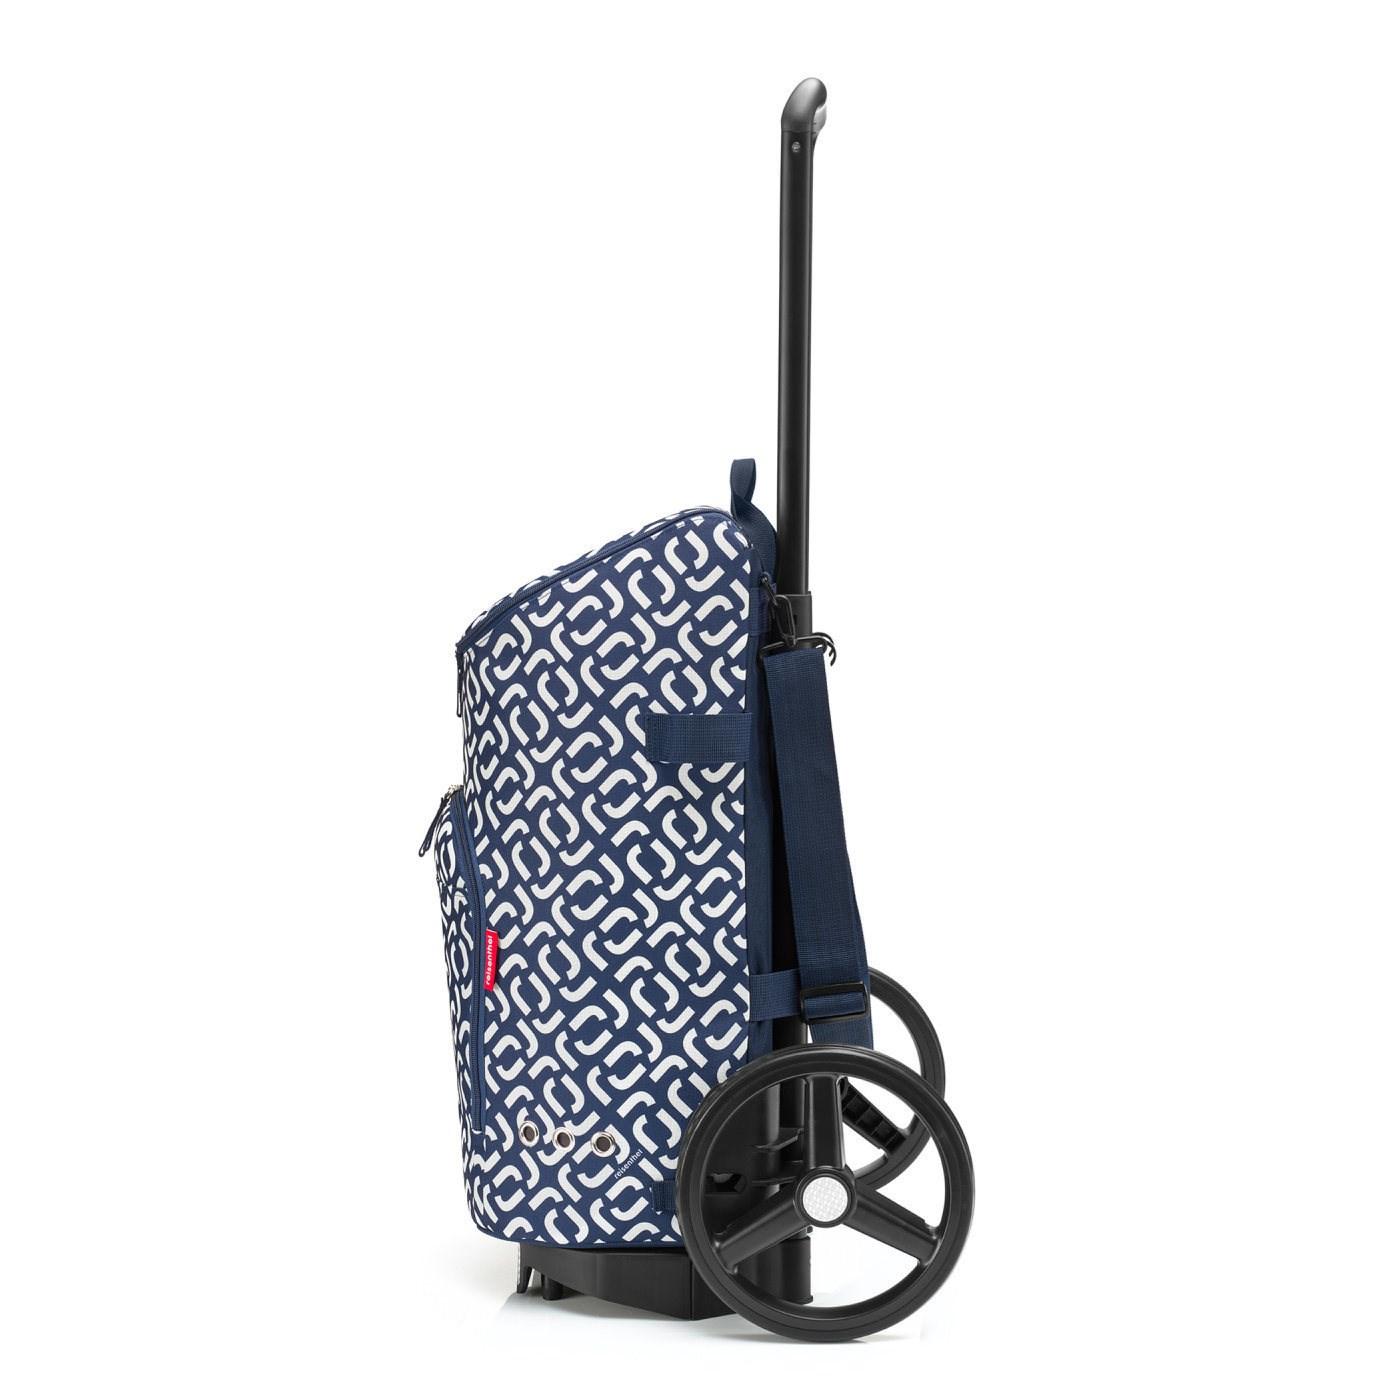 Městská taška Citycruiser Bag signature navy (bez vozíku DE7003!)_2